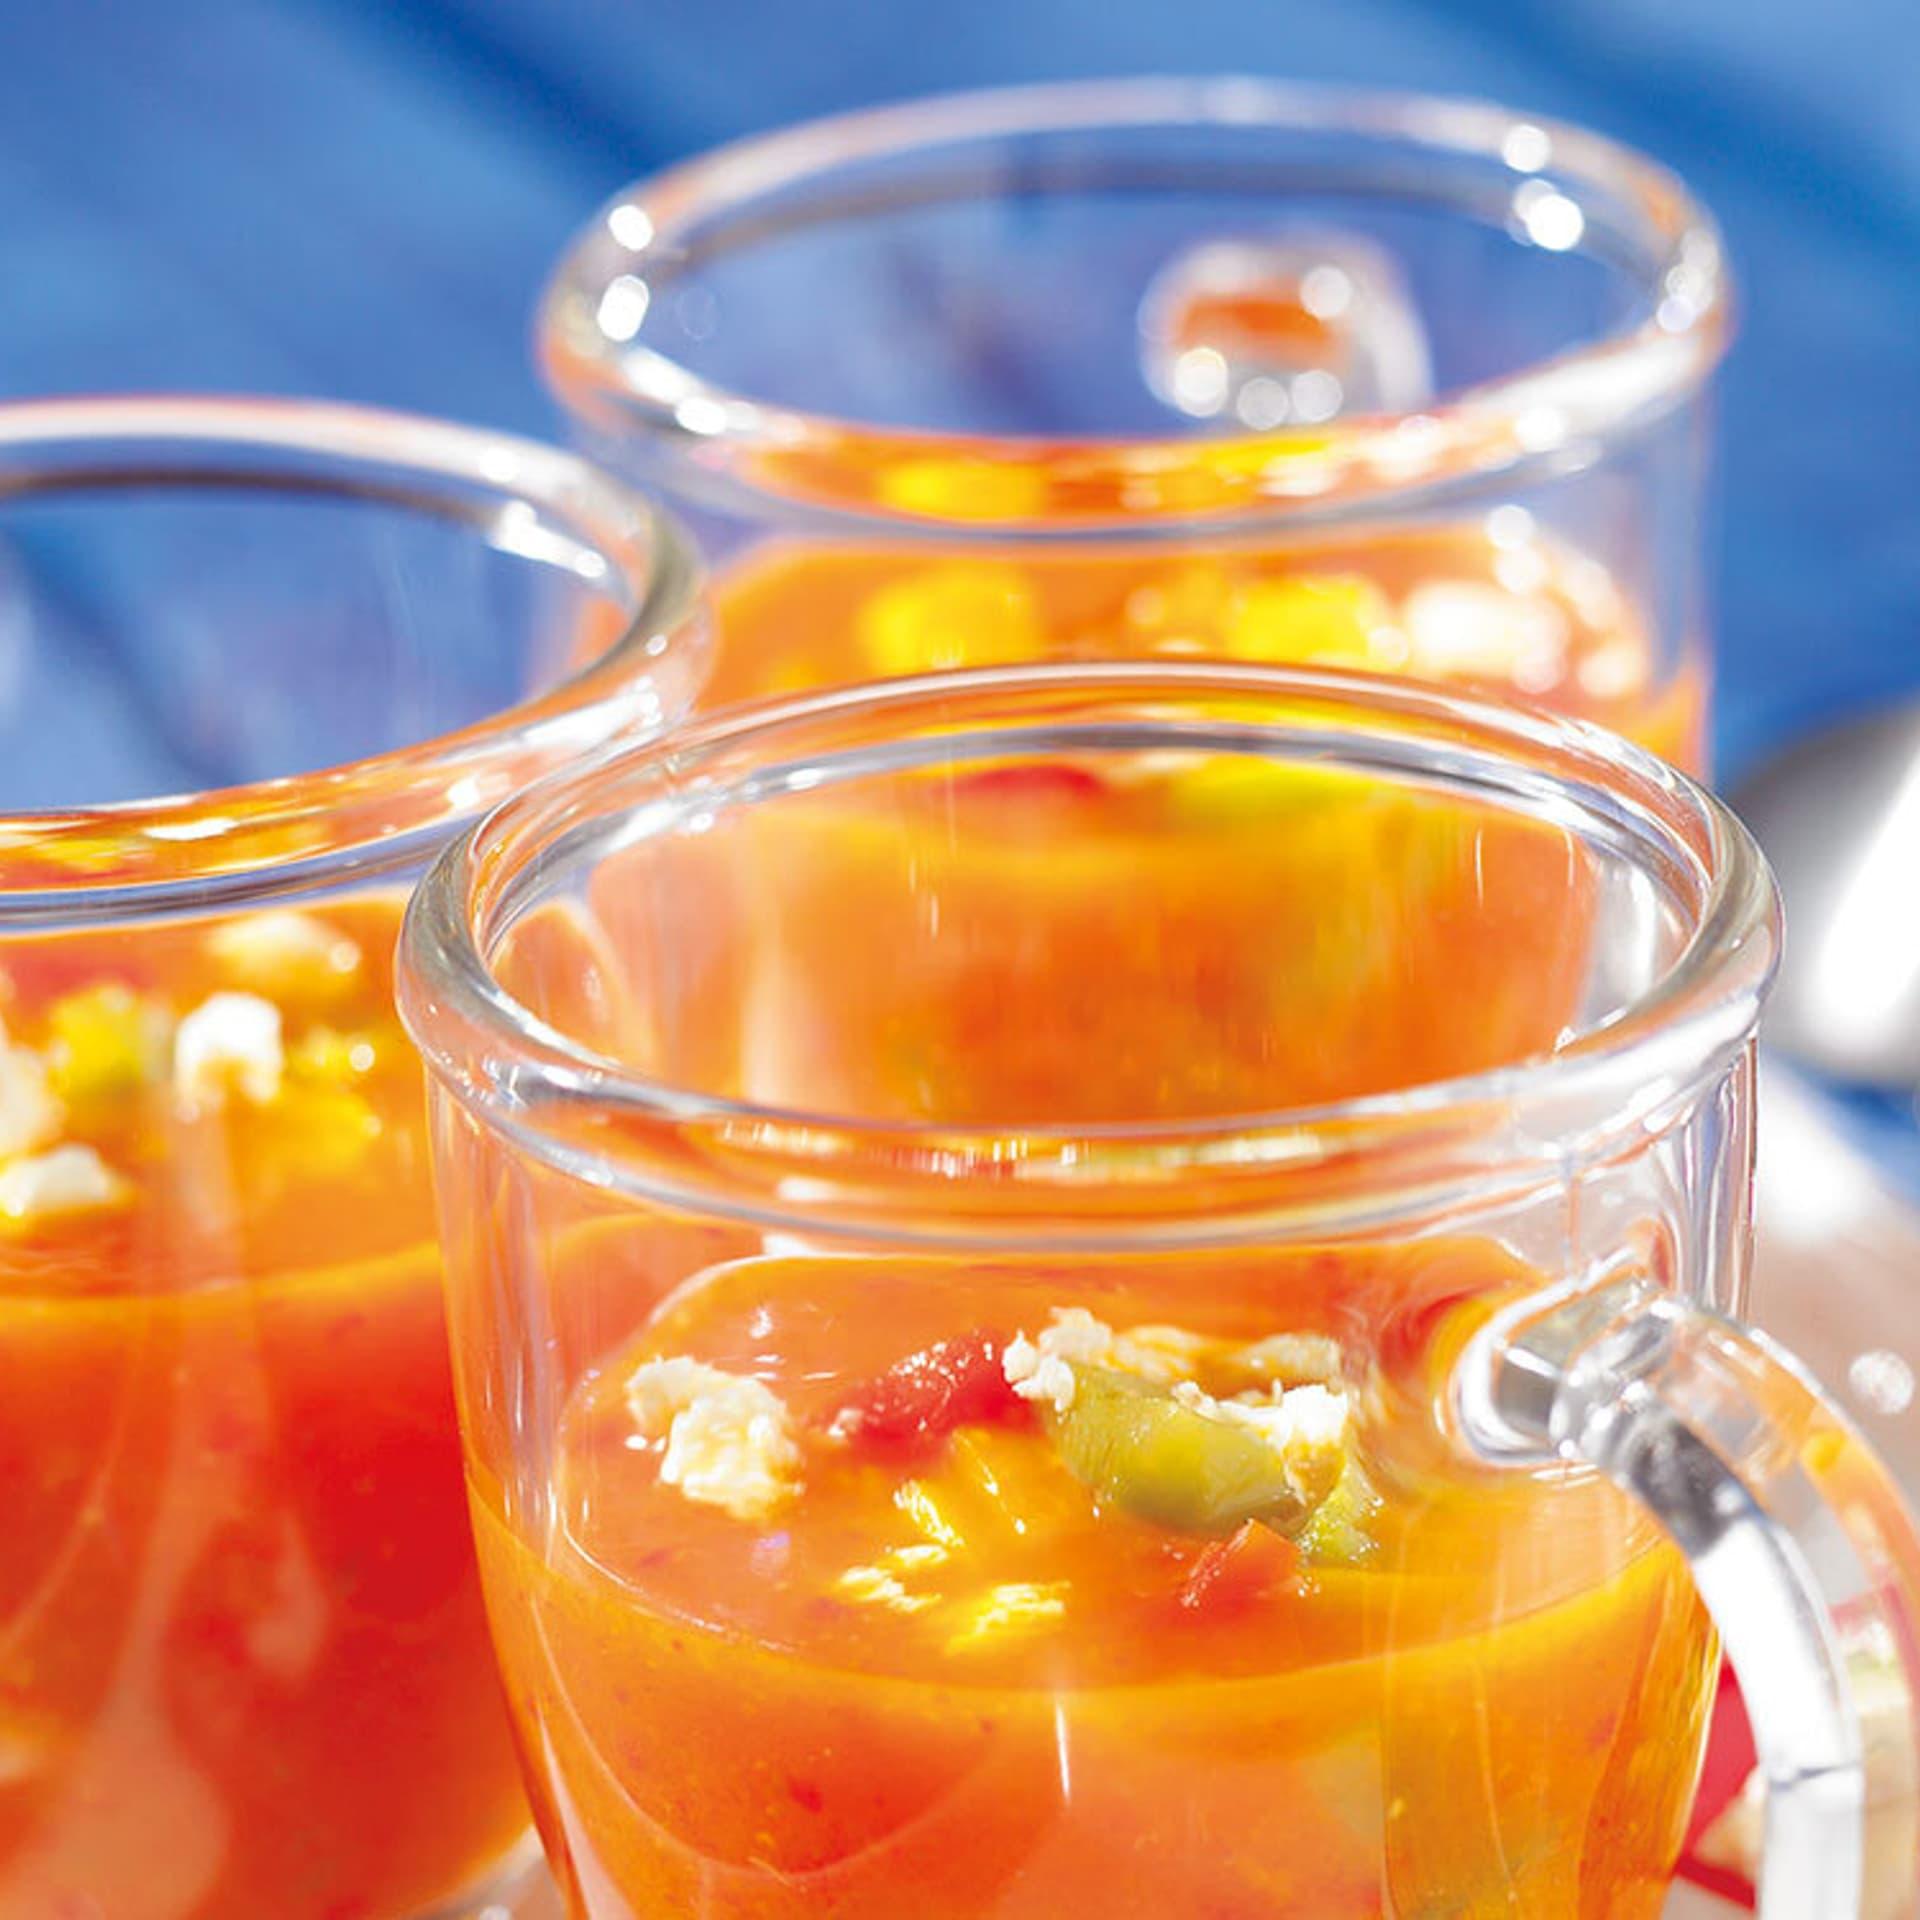 Orangene Suppe in Teeglas